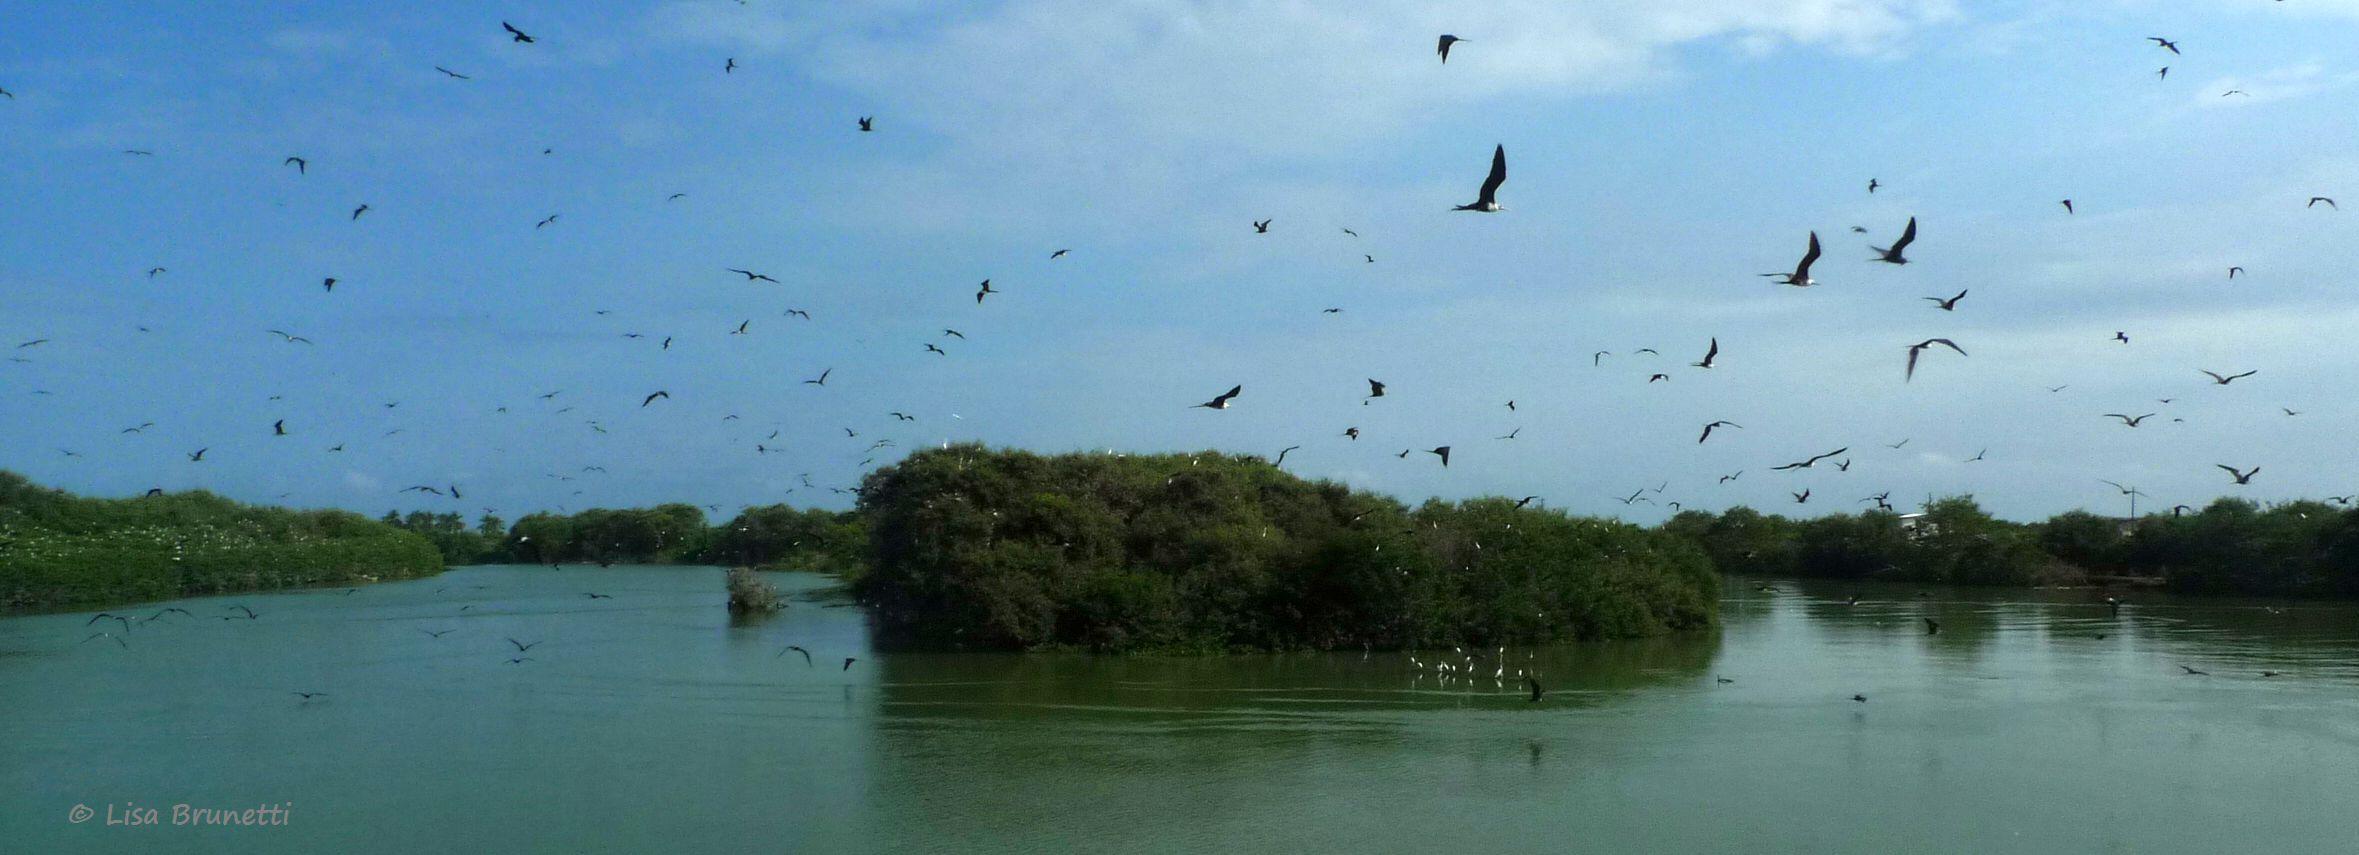 P1530191 JUNE 10 2012 HOW MANY BIRDS